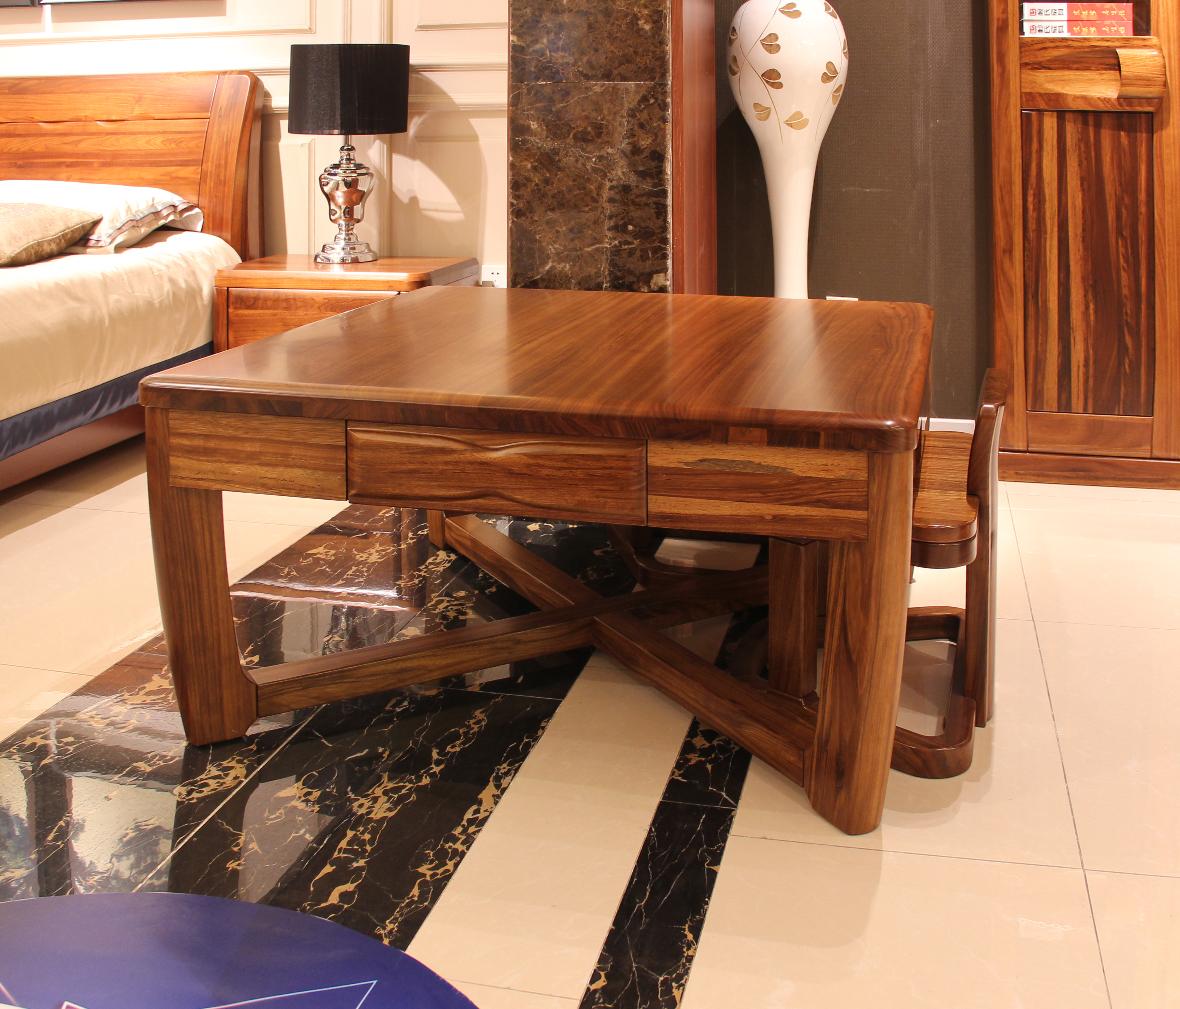 伯爵庄园 原7521—10型号美式古典实木长形餐桌 百年工艺打造图片